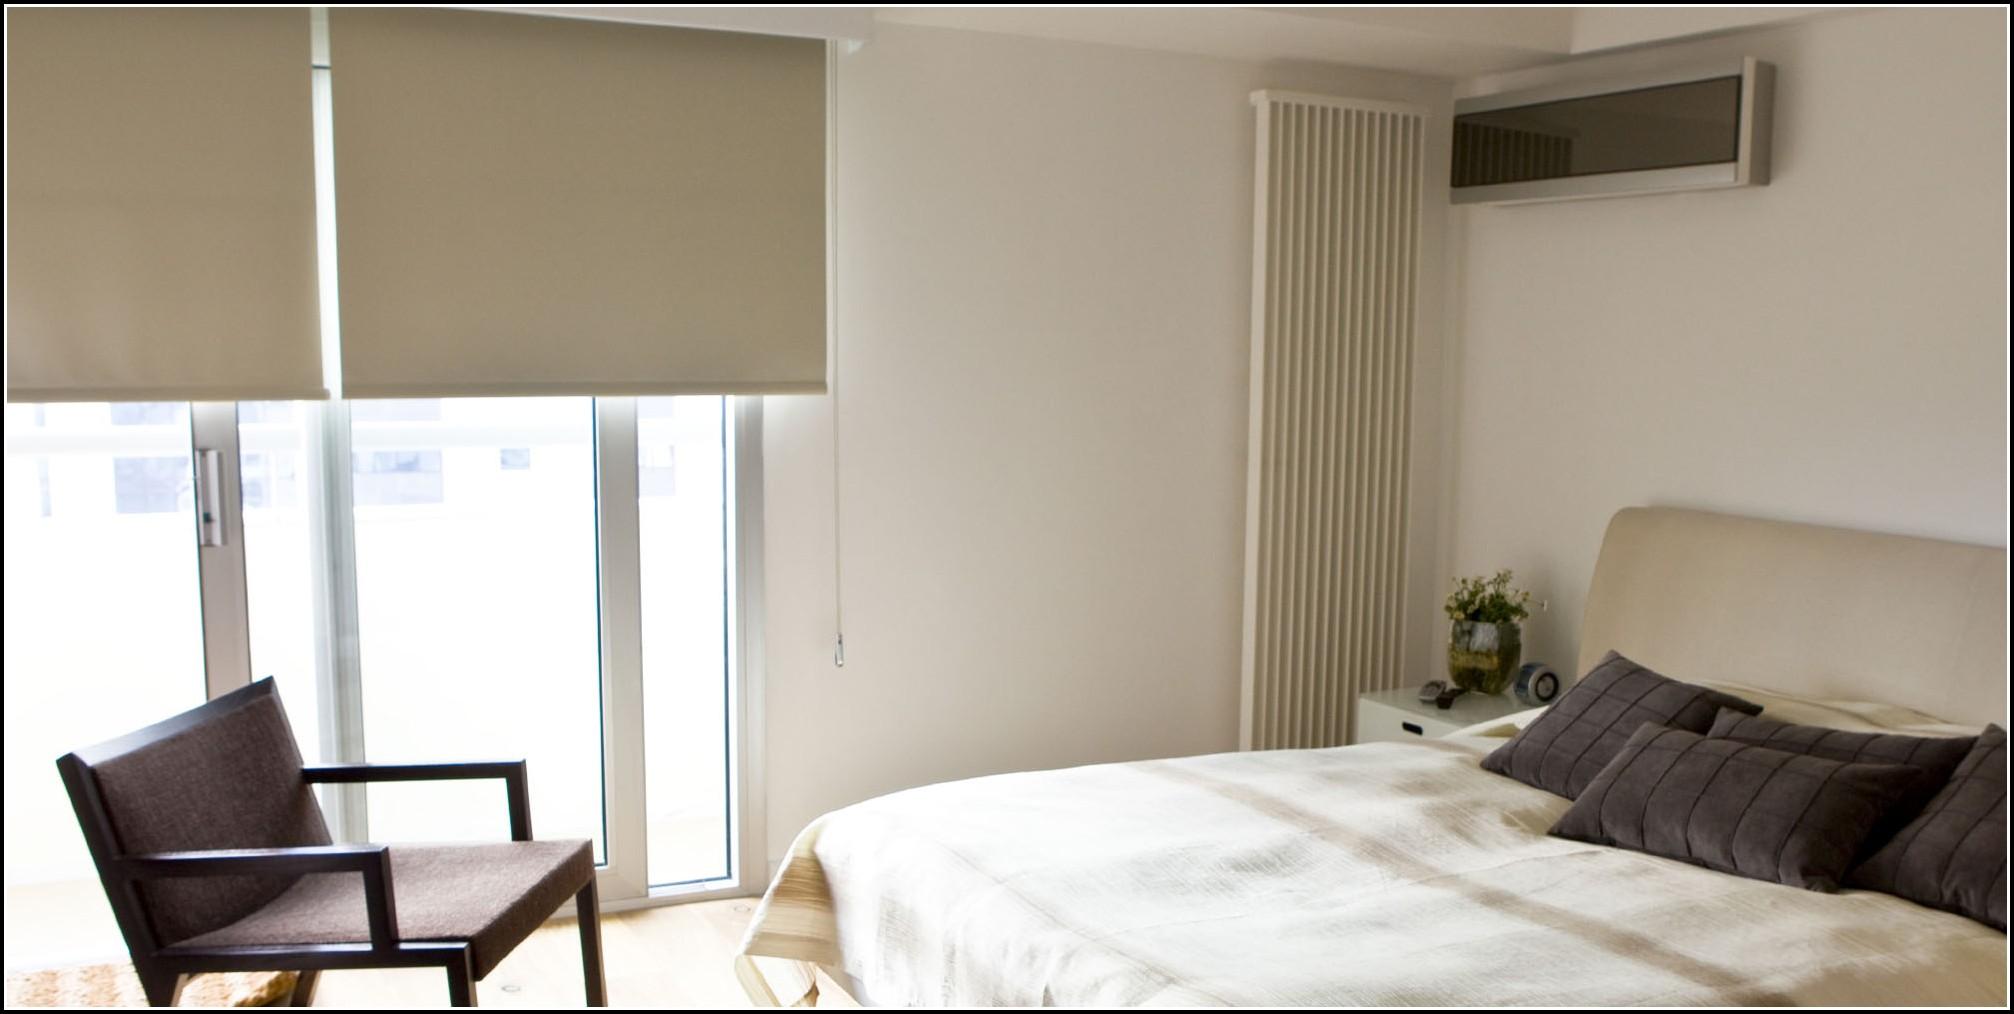 klimaanlage fensterdurchf hrung fkh. Black Bedroom Furniture Sets. Home Design Ideas